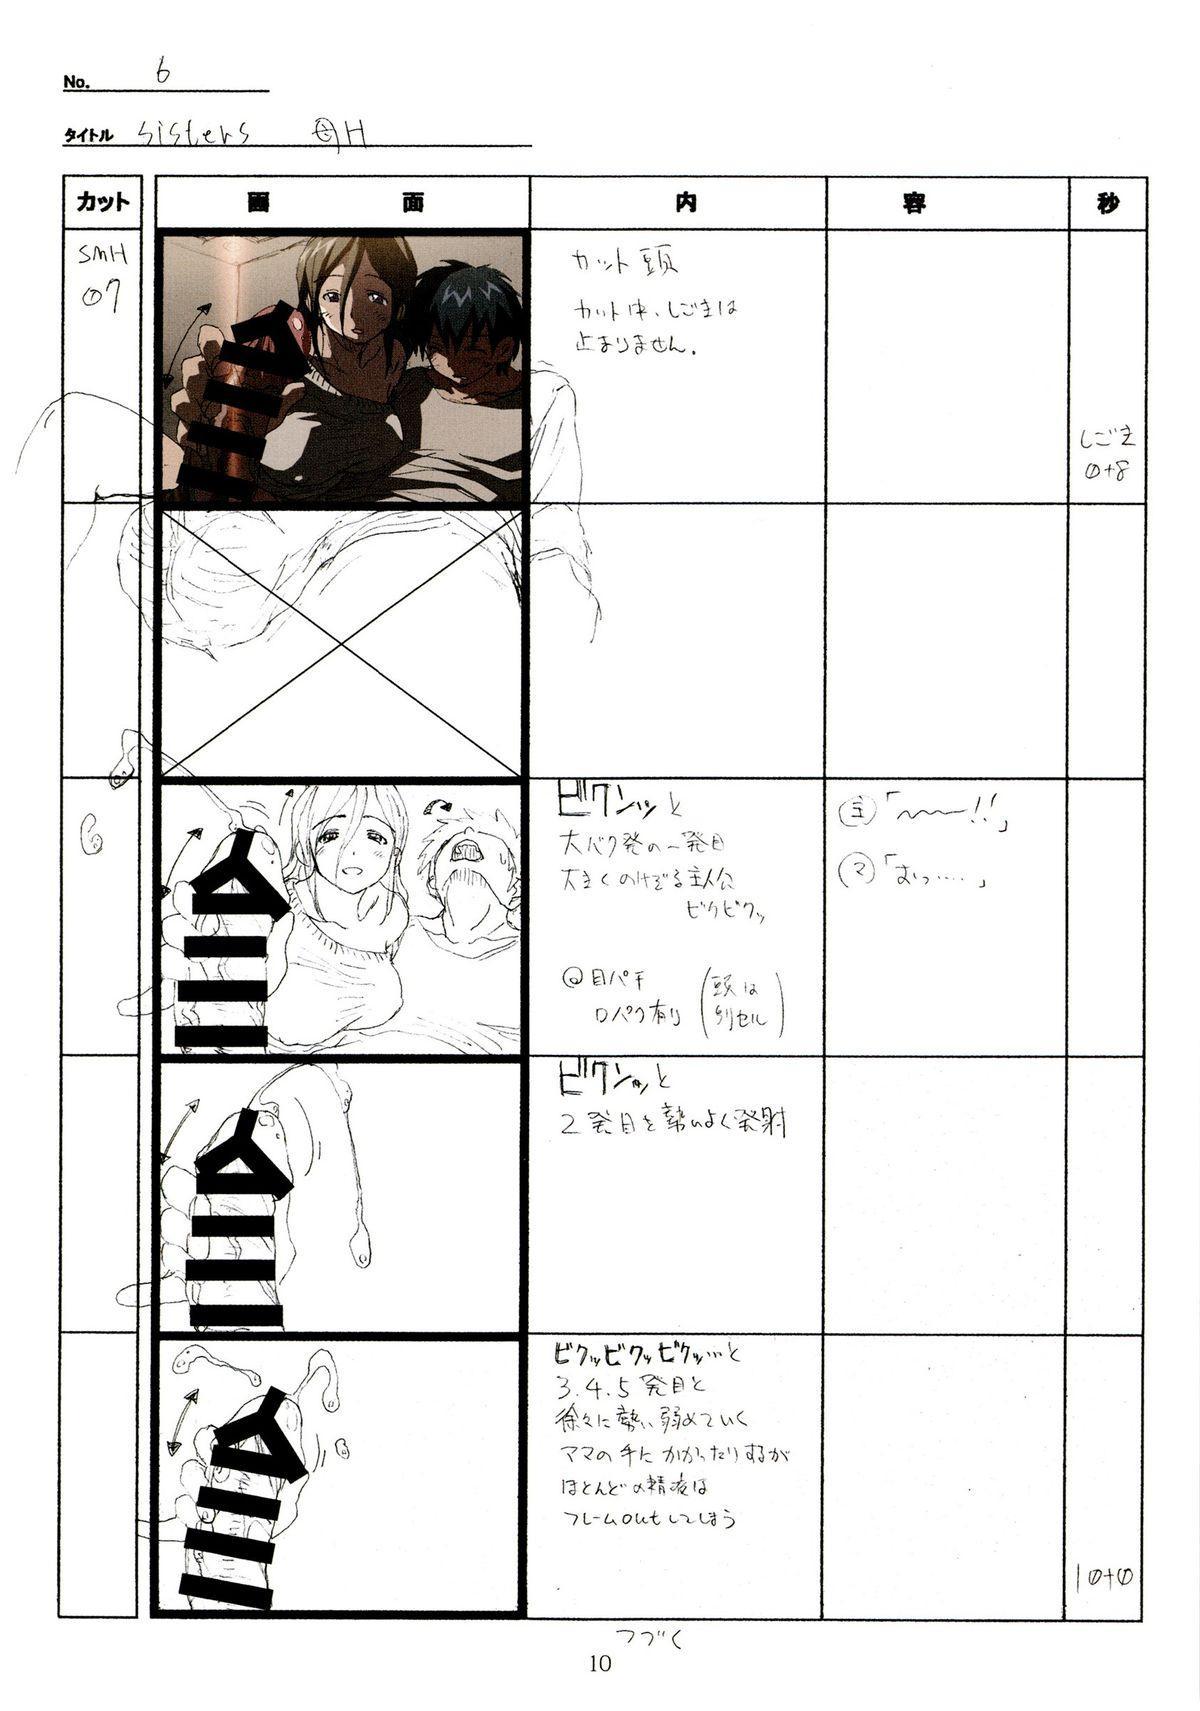 (C89) [Makino Jimusho (Taki Minashika)] SISTERS -Natsu no Saigo no Hi- H Scene All Part Storyboard (SISTERS -Natsu no Saigo no Hi-) 9